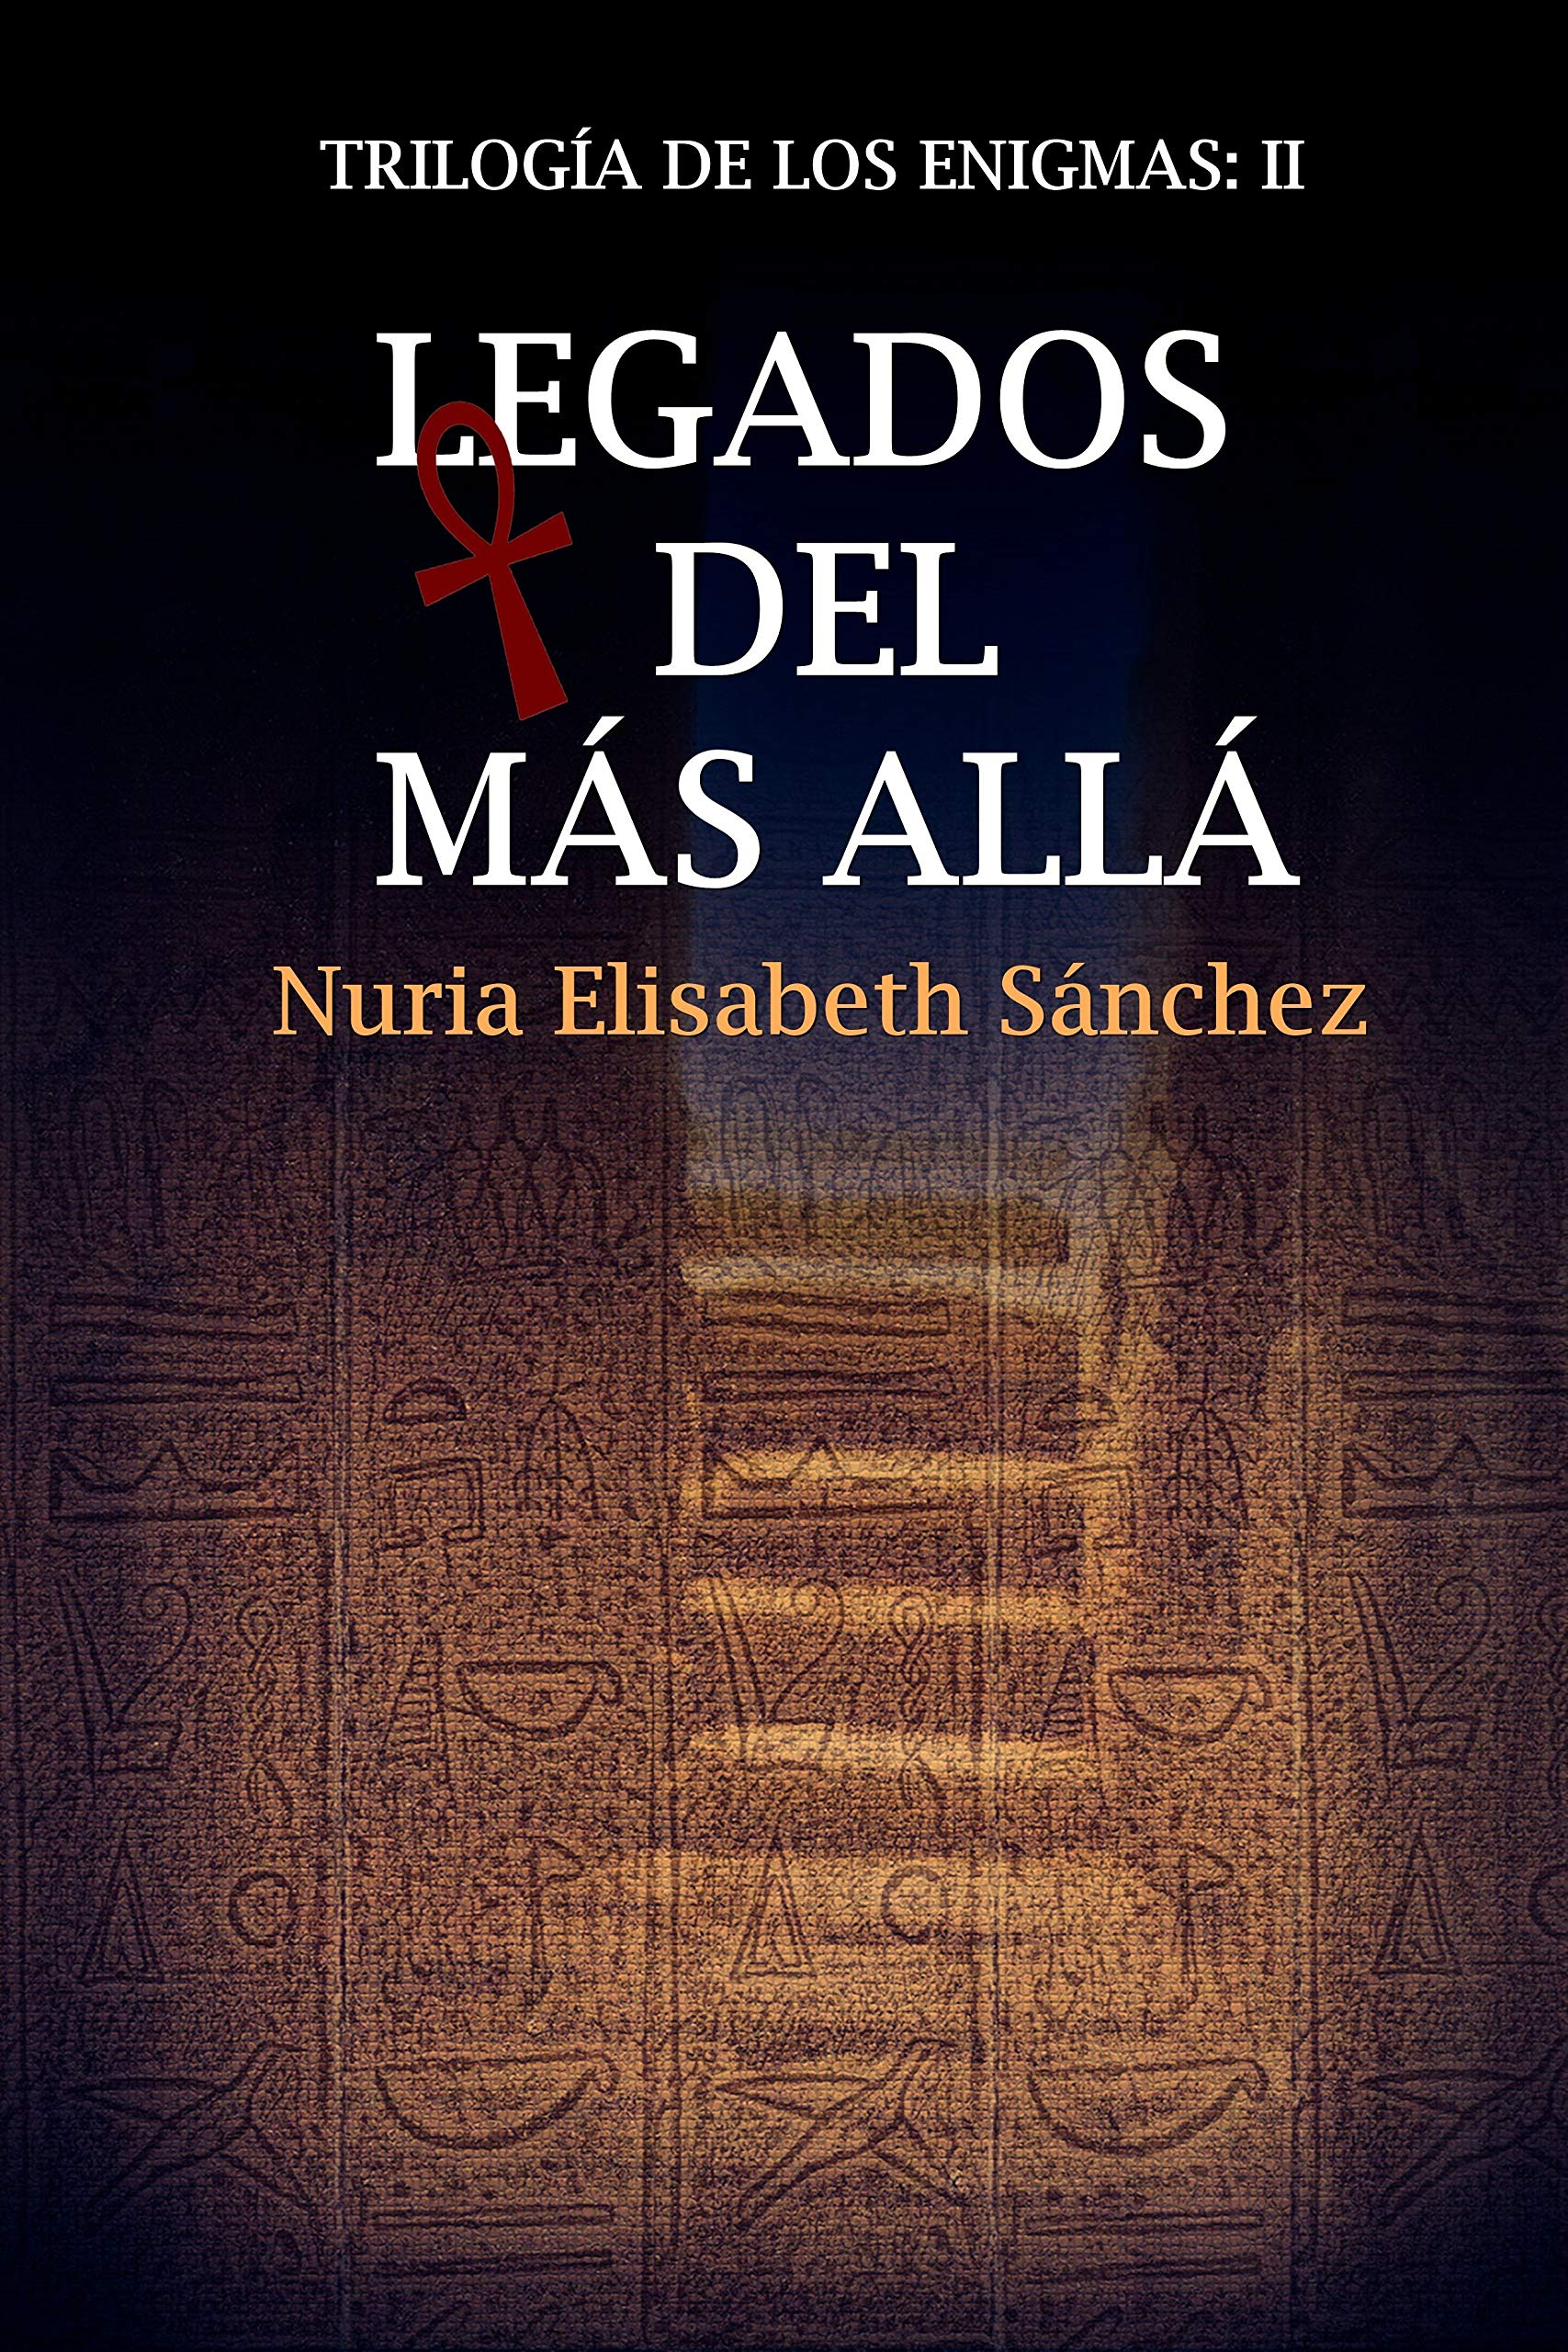 Legados del más allá: Trilogía de los enigmas: Parte II por Nuria Elisabeth Sánchez